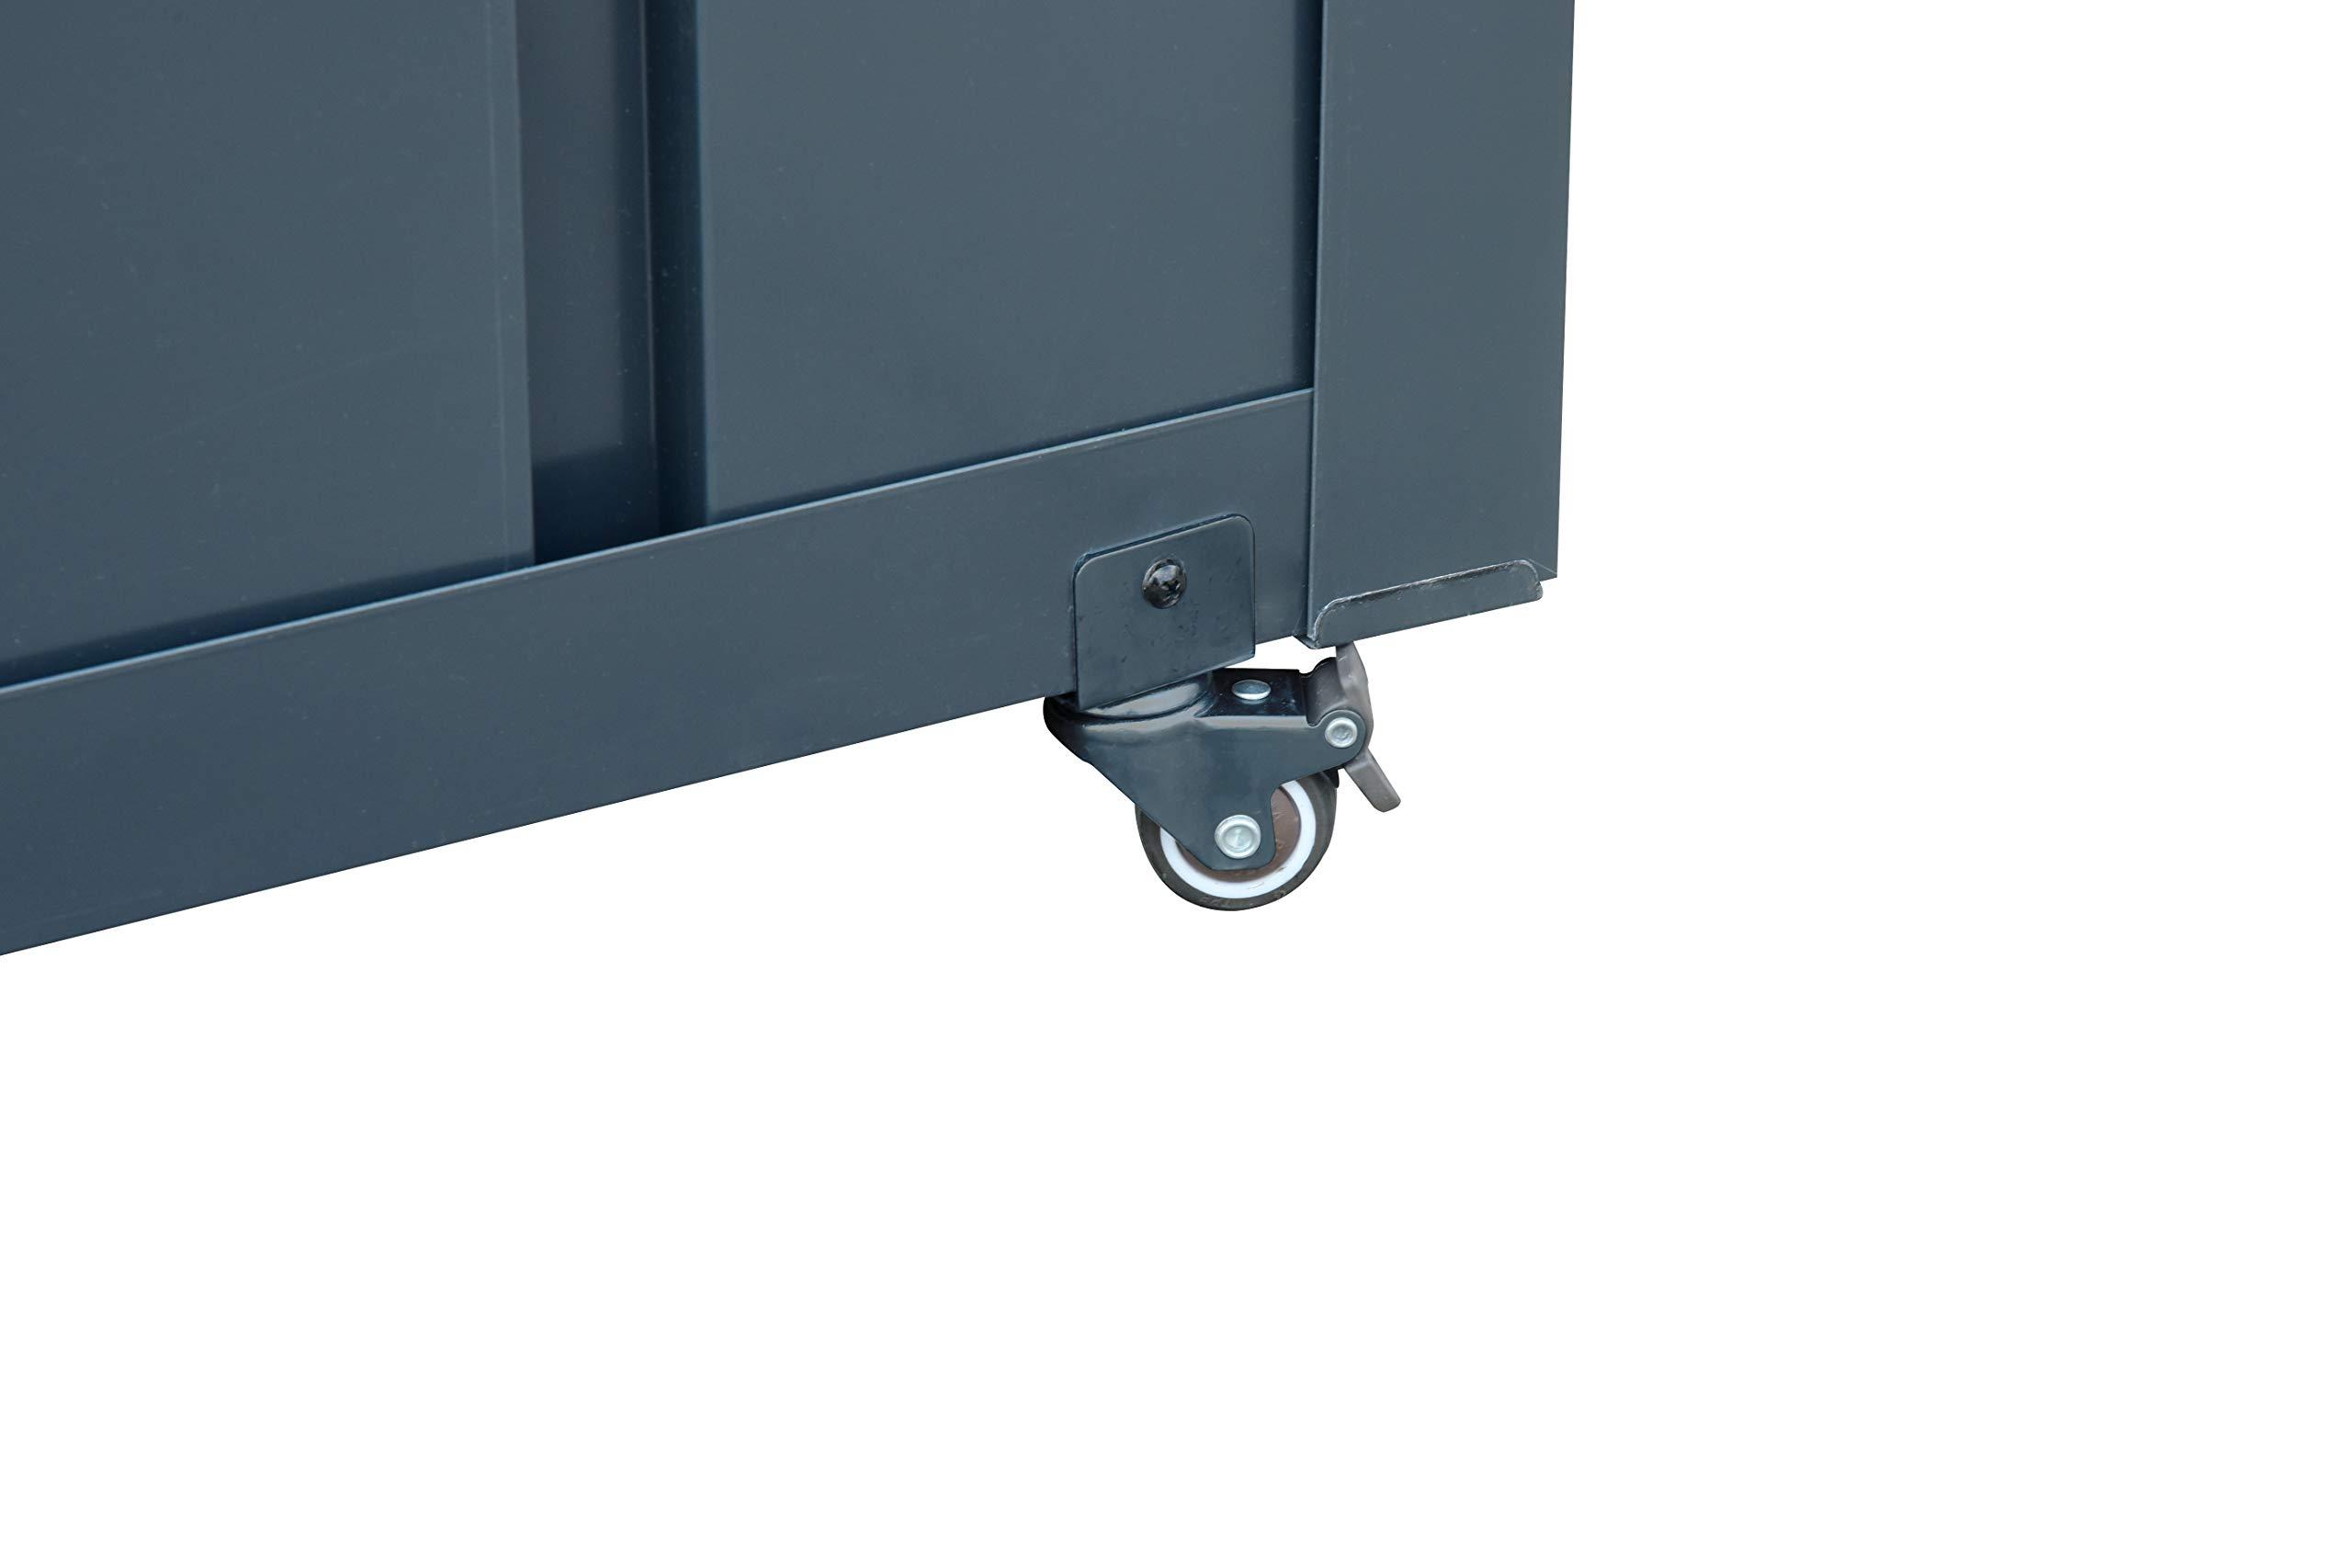 Gartenaufbewahrungsbox aus Metall, anthrazit – 400 Liter – inkl. Schlüssel – trockene und sichere Lagerung von Kissen, Gartenutensilien und Spielzeug – stabile Metallbox für Haus, Garten und Balkon